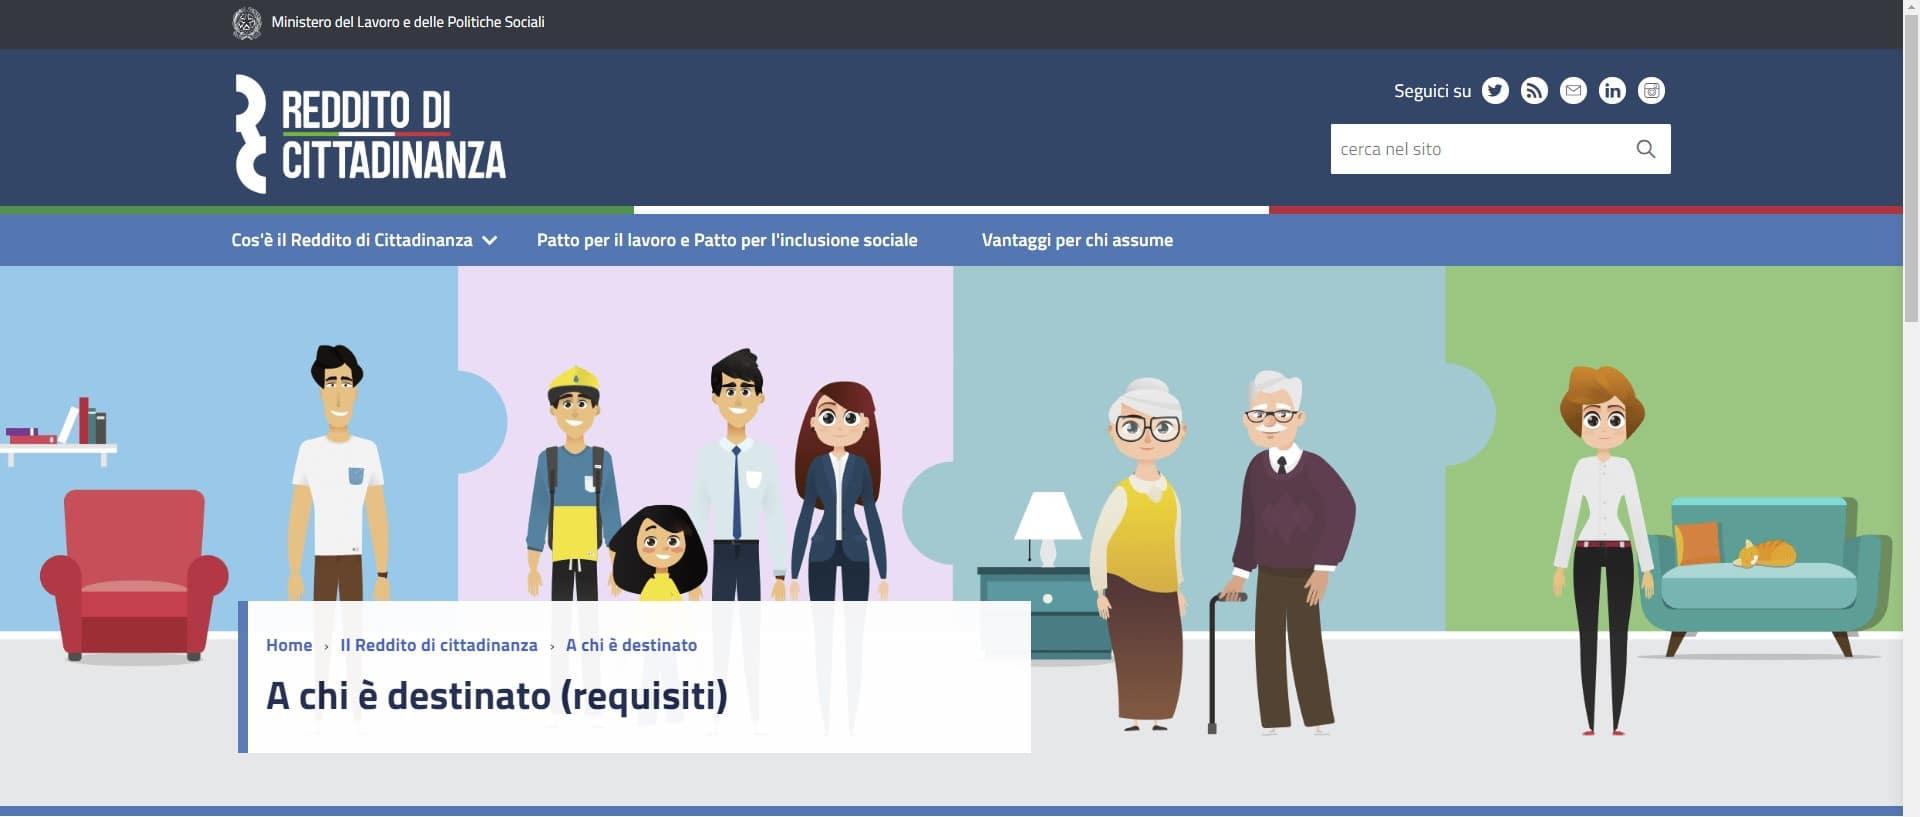 reddito cittadinanza sito